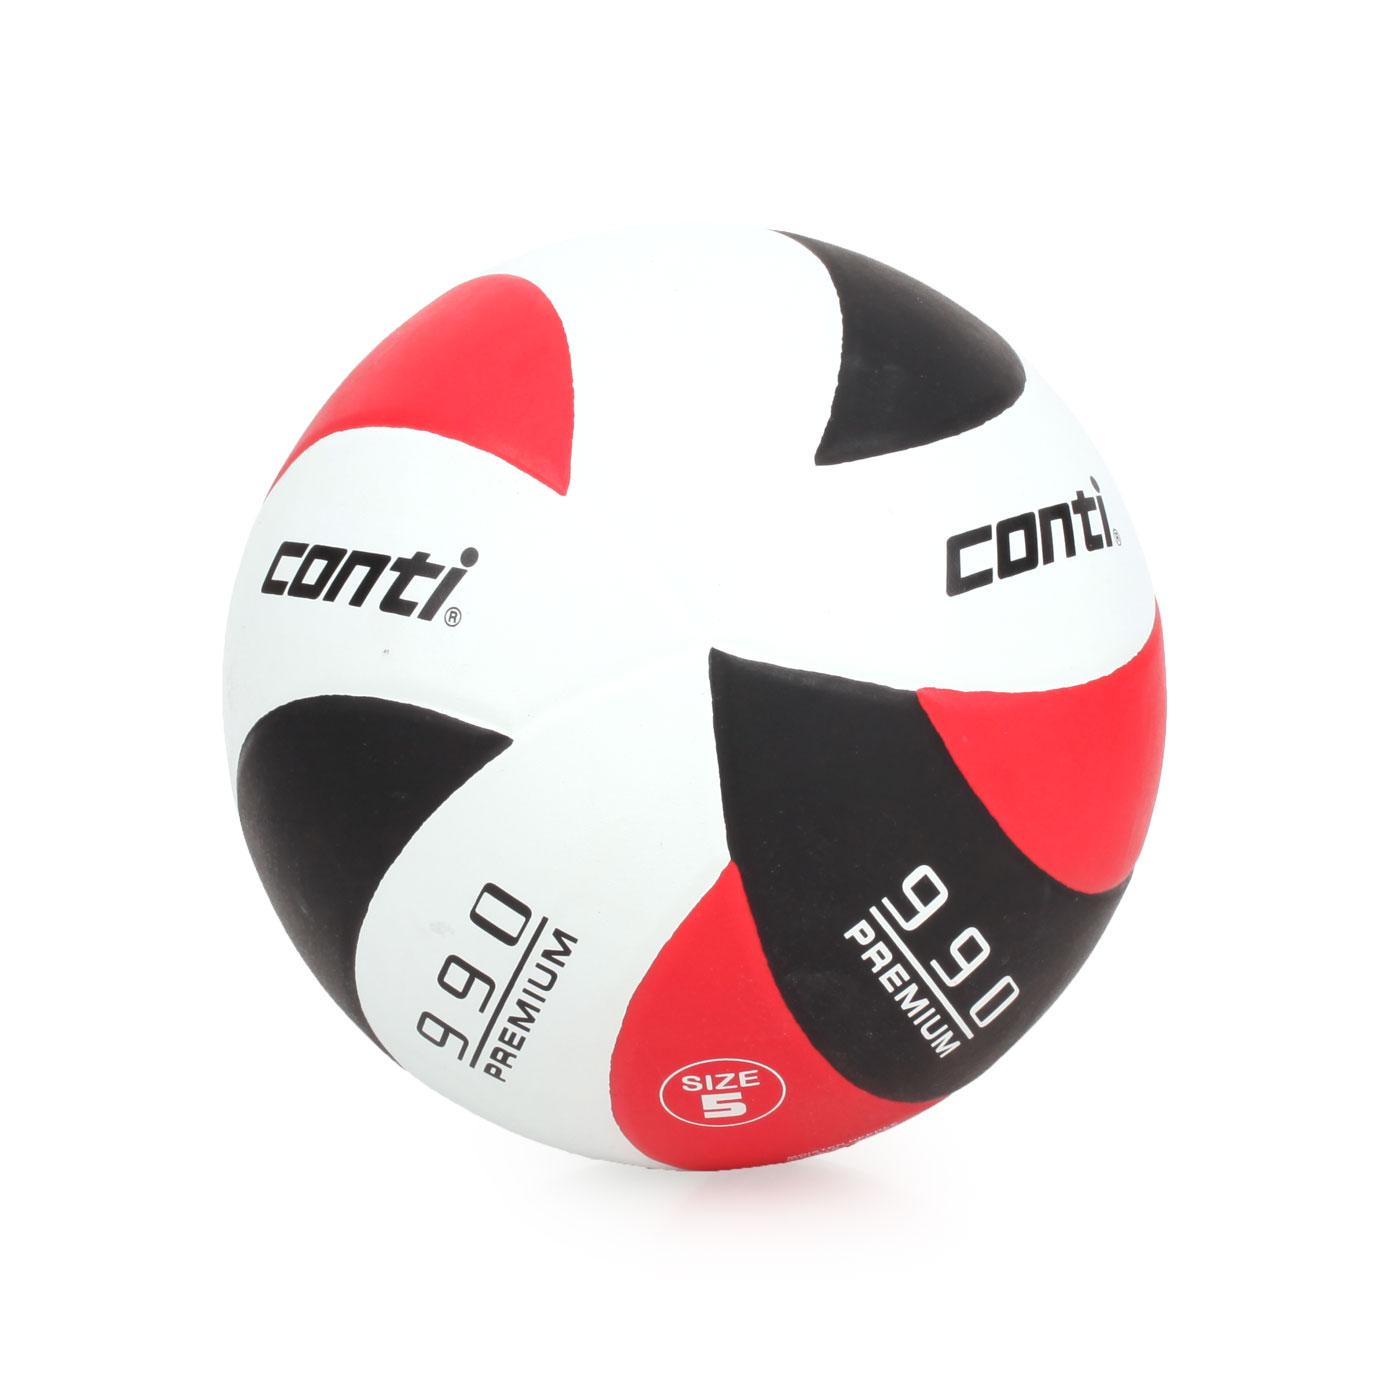 詠冠conti 5號頂級超世代橡膠排球 CONTIV990-5-WBKO - 紅黑白